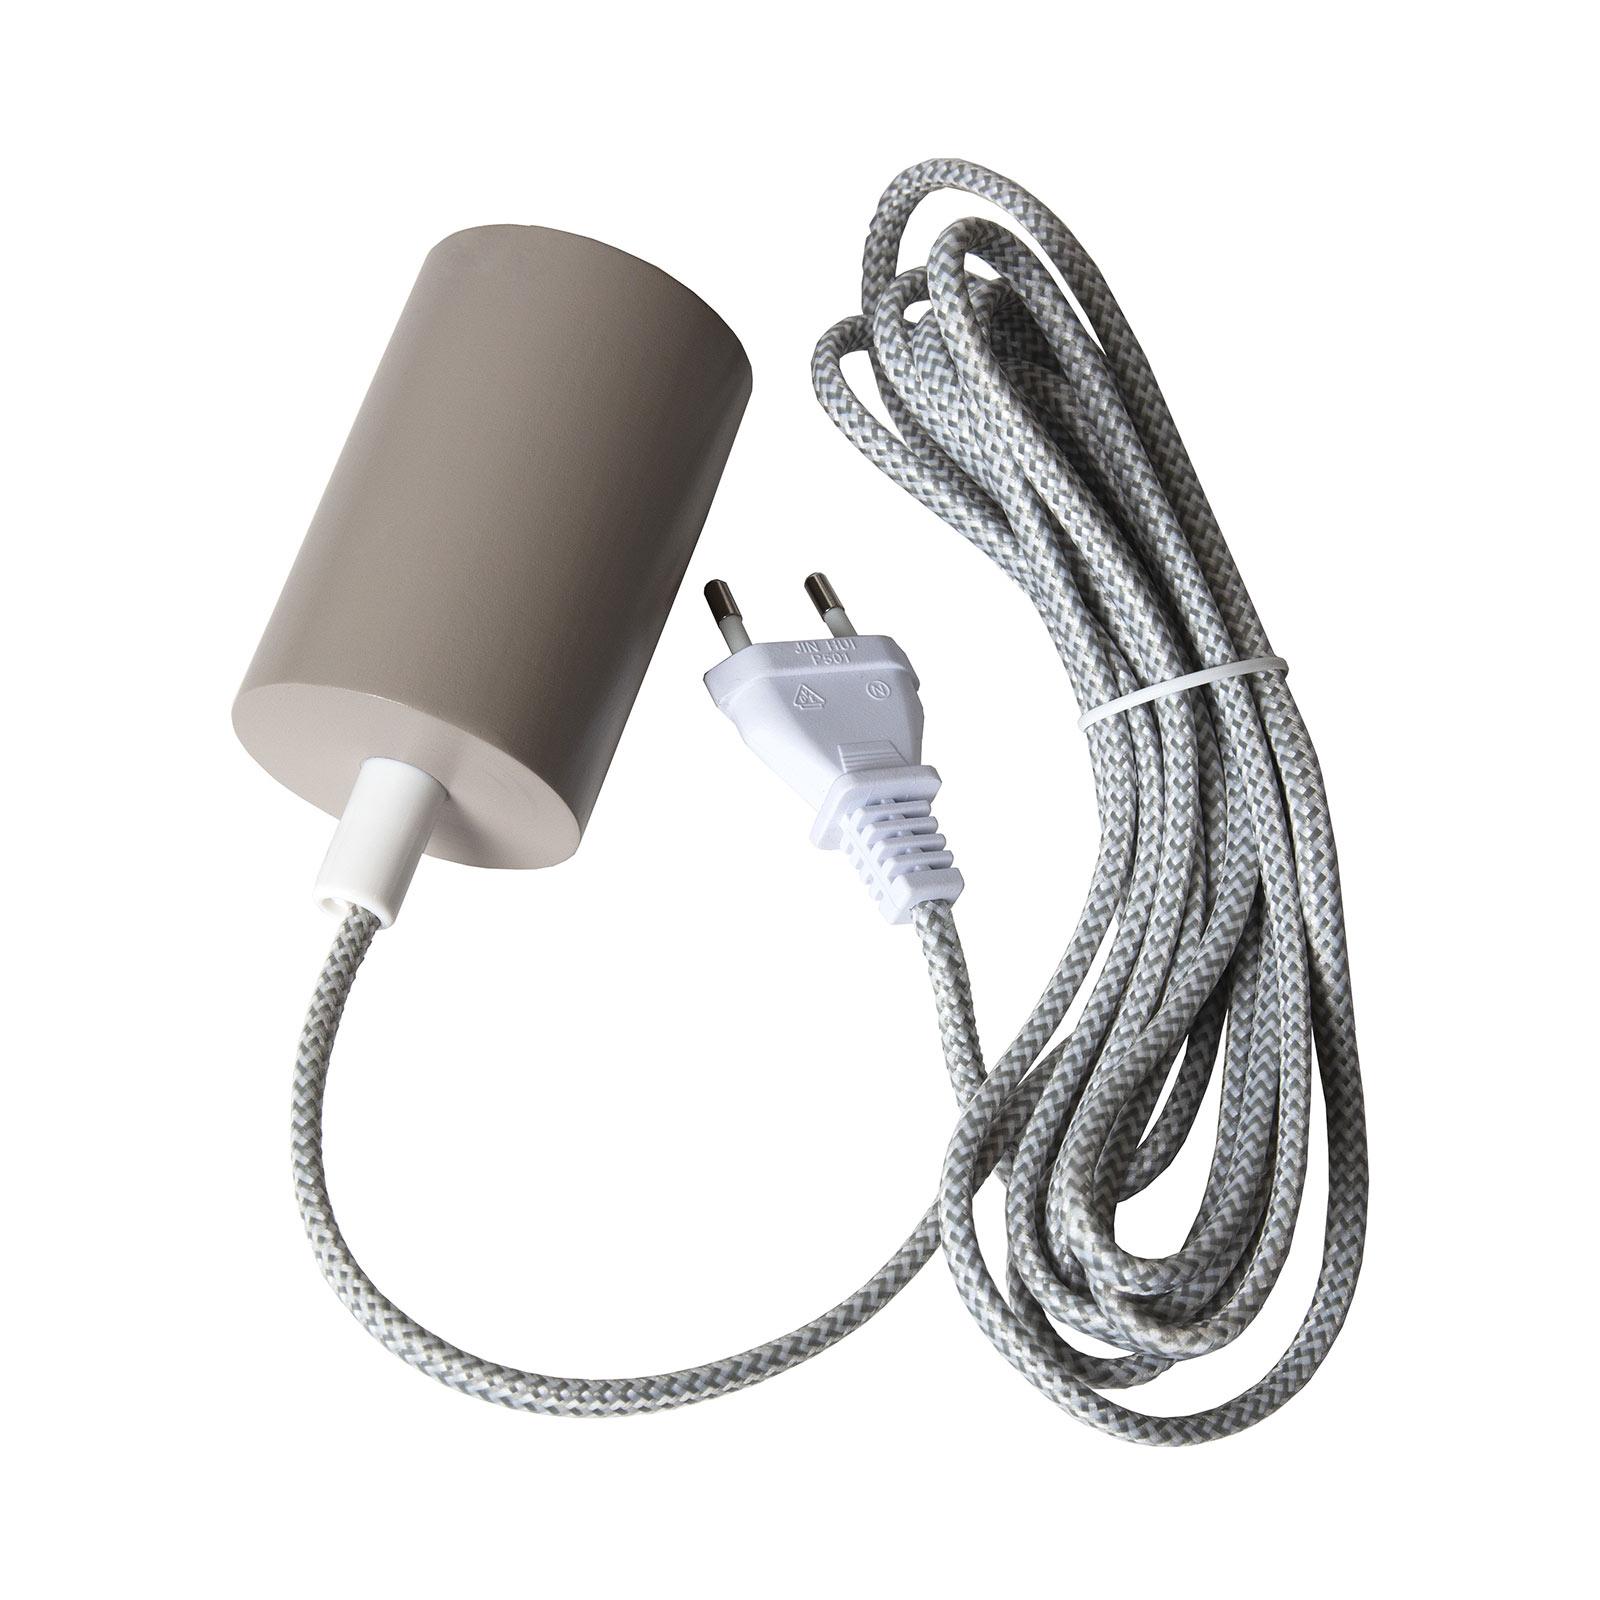 Portalampada E27 Slim con cavo, grigio